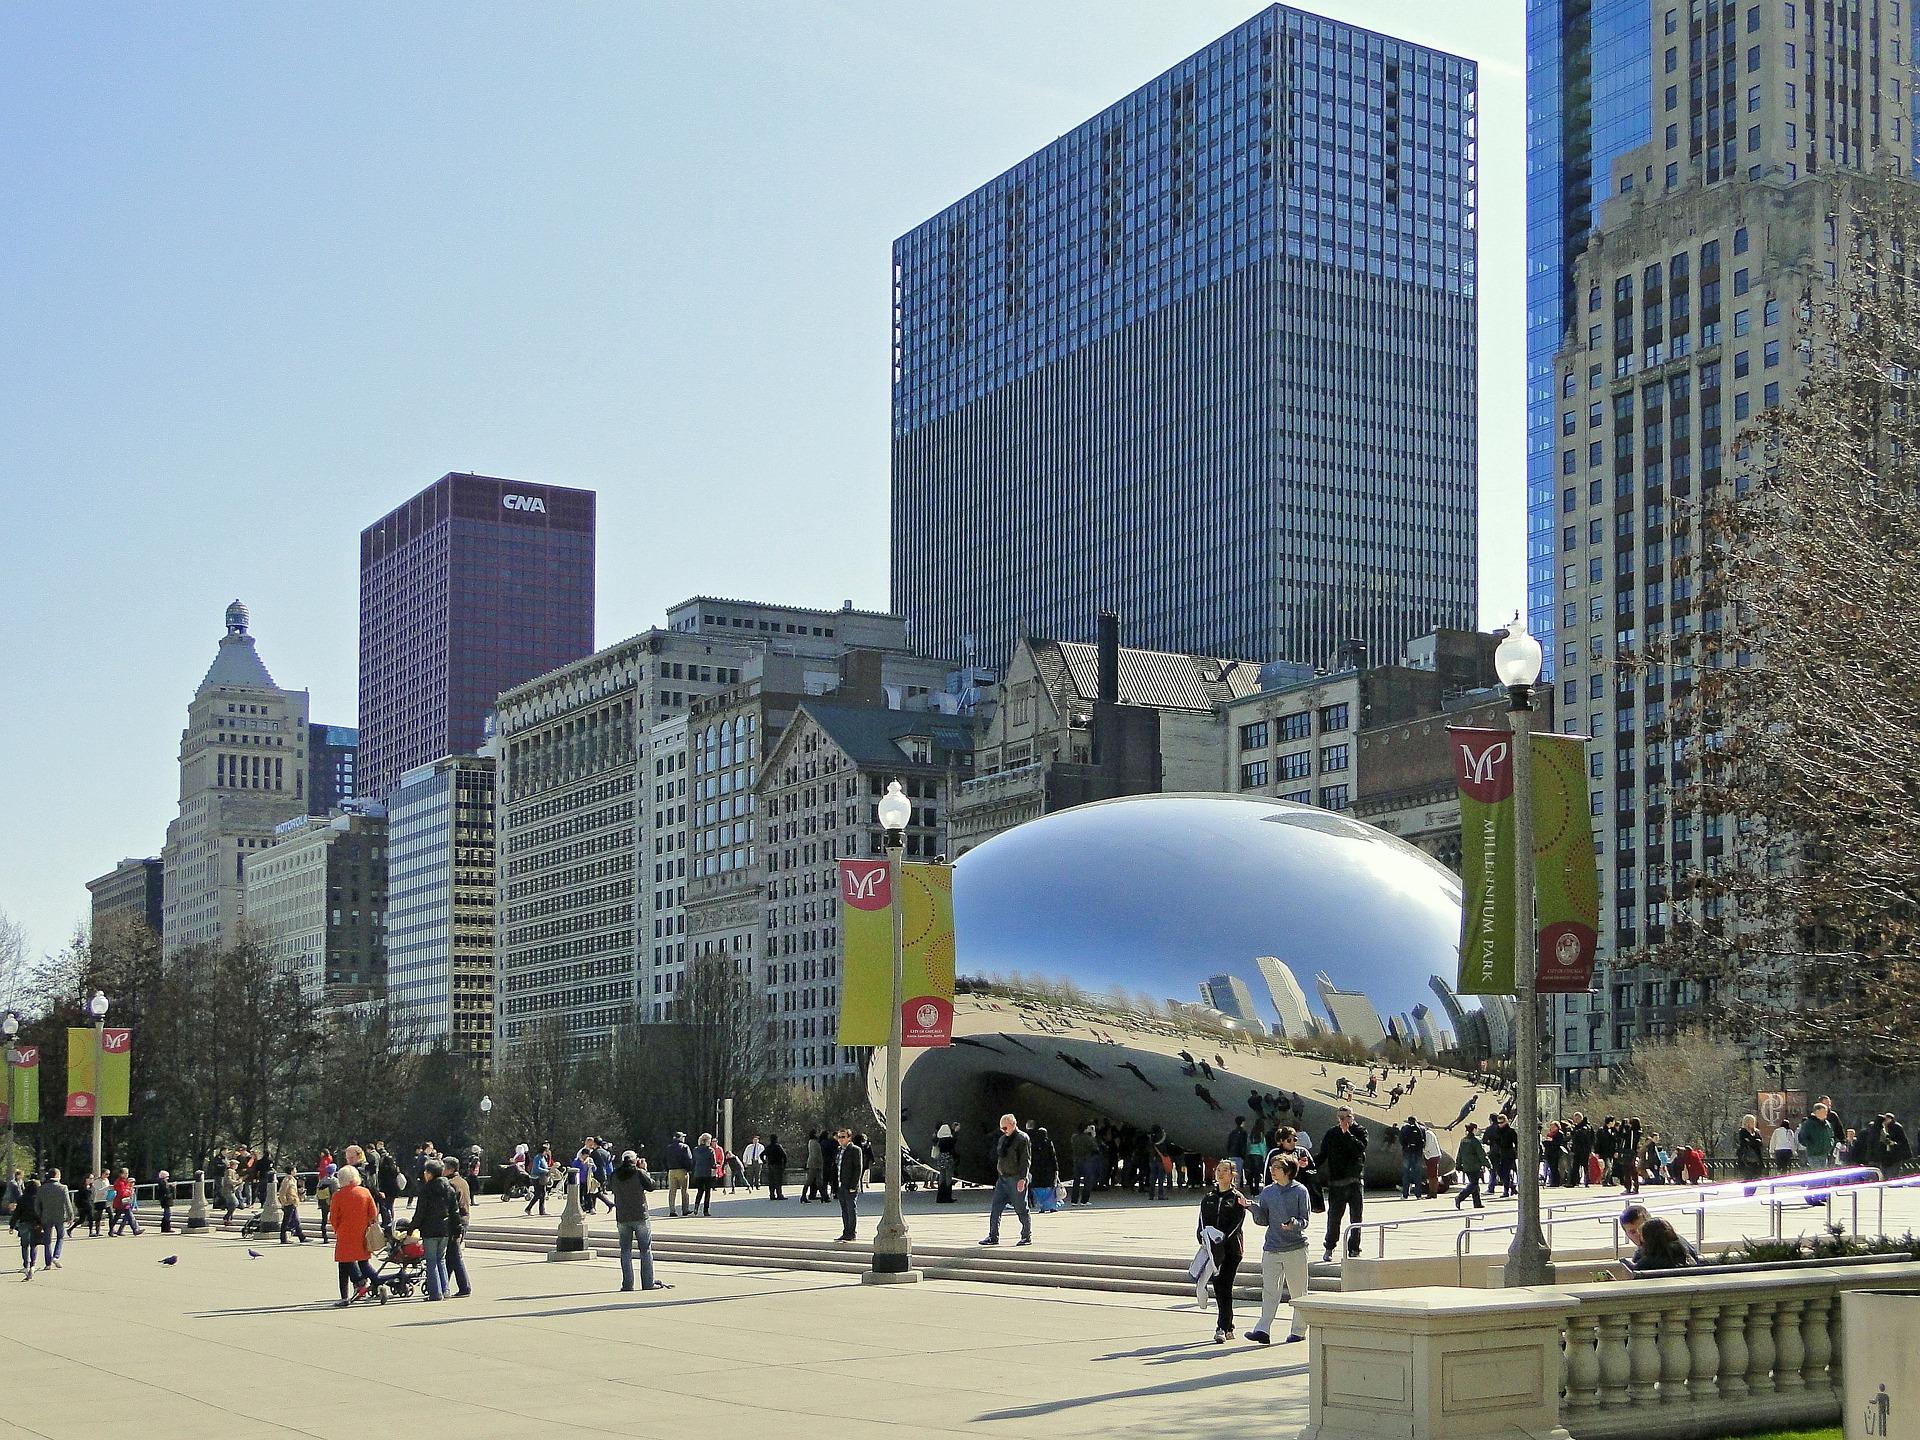 Cloud Gate a.k.a. the Chicago Bean